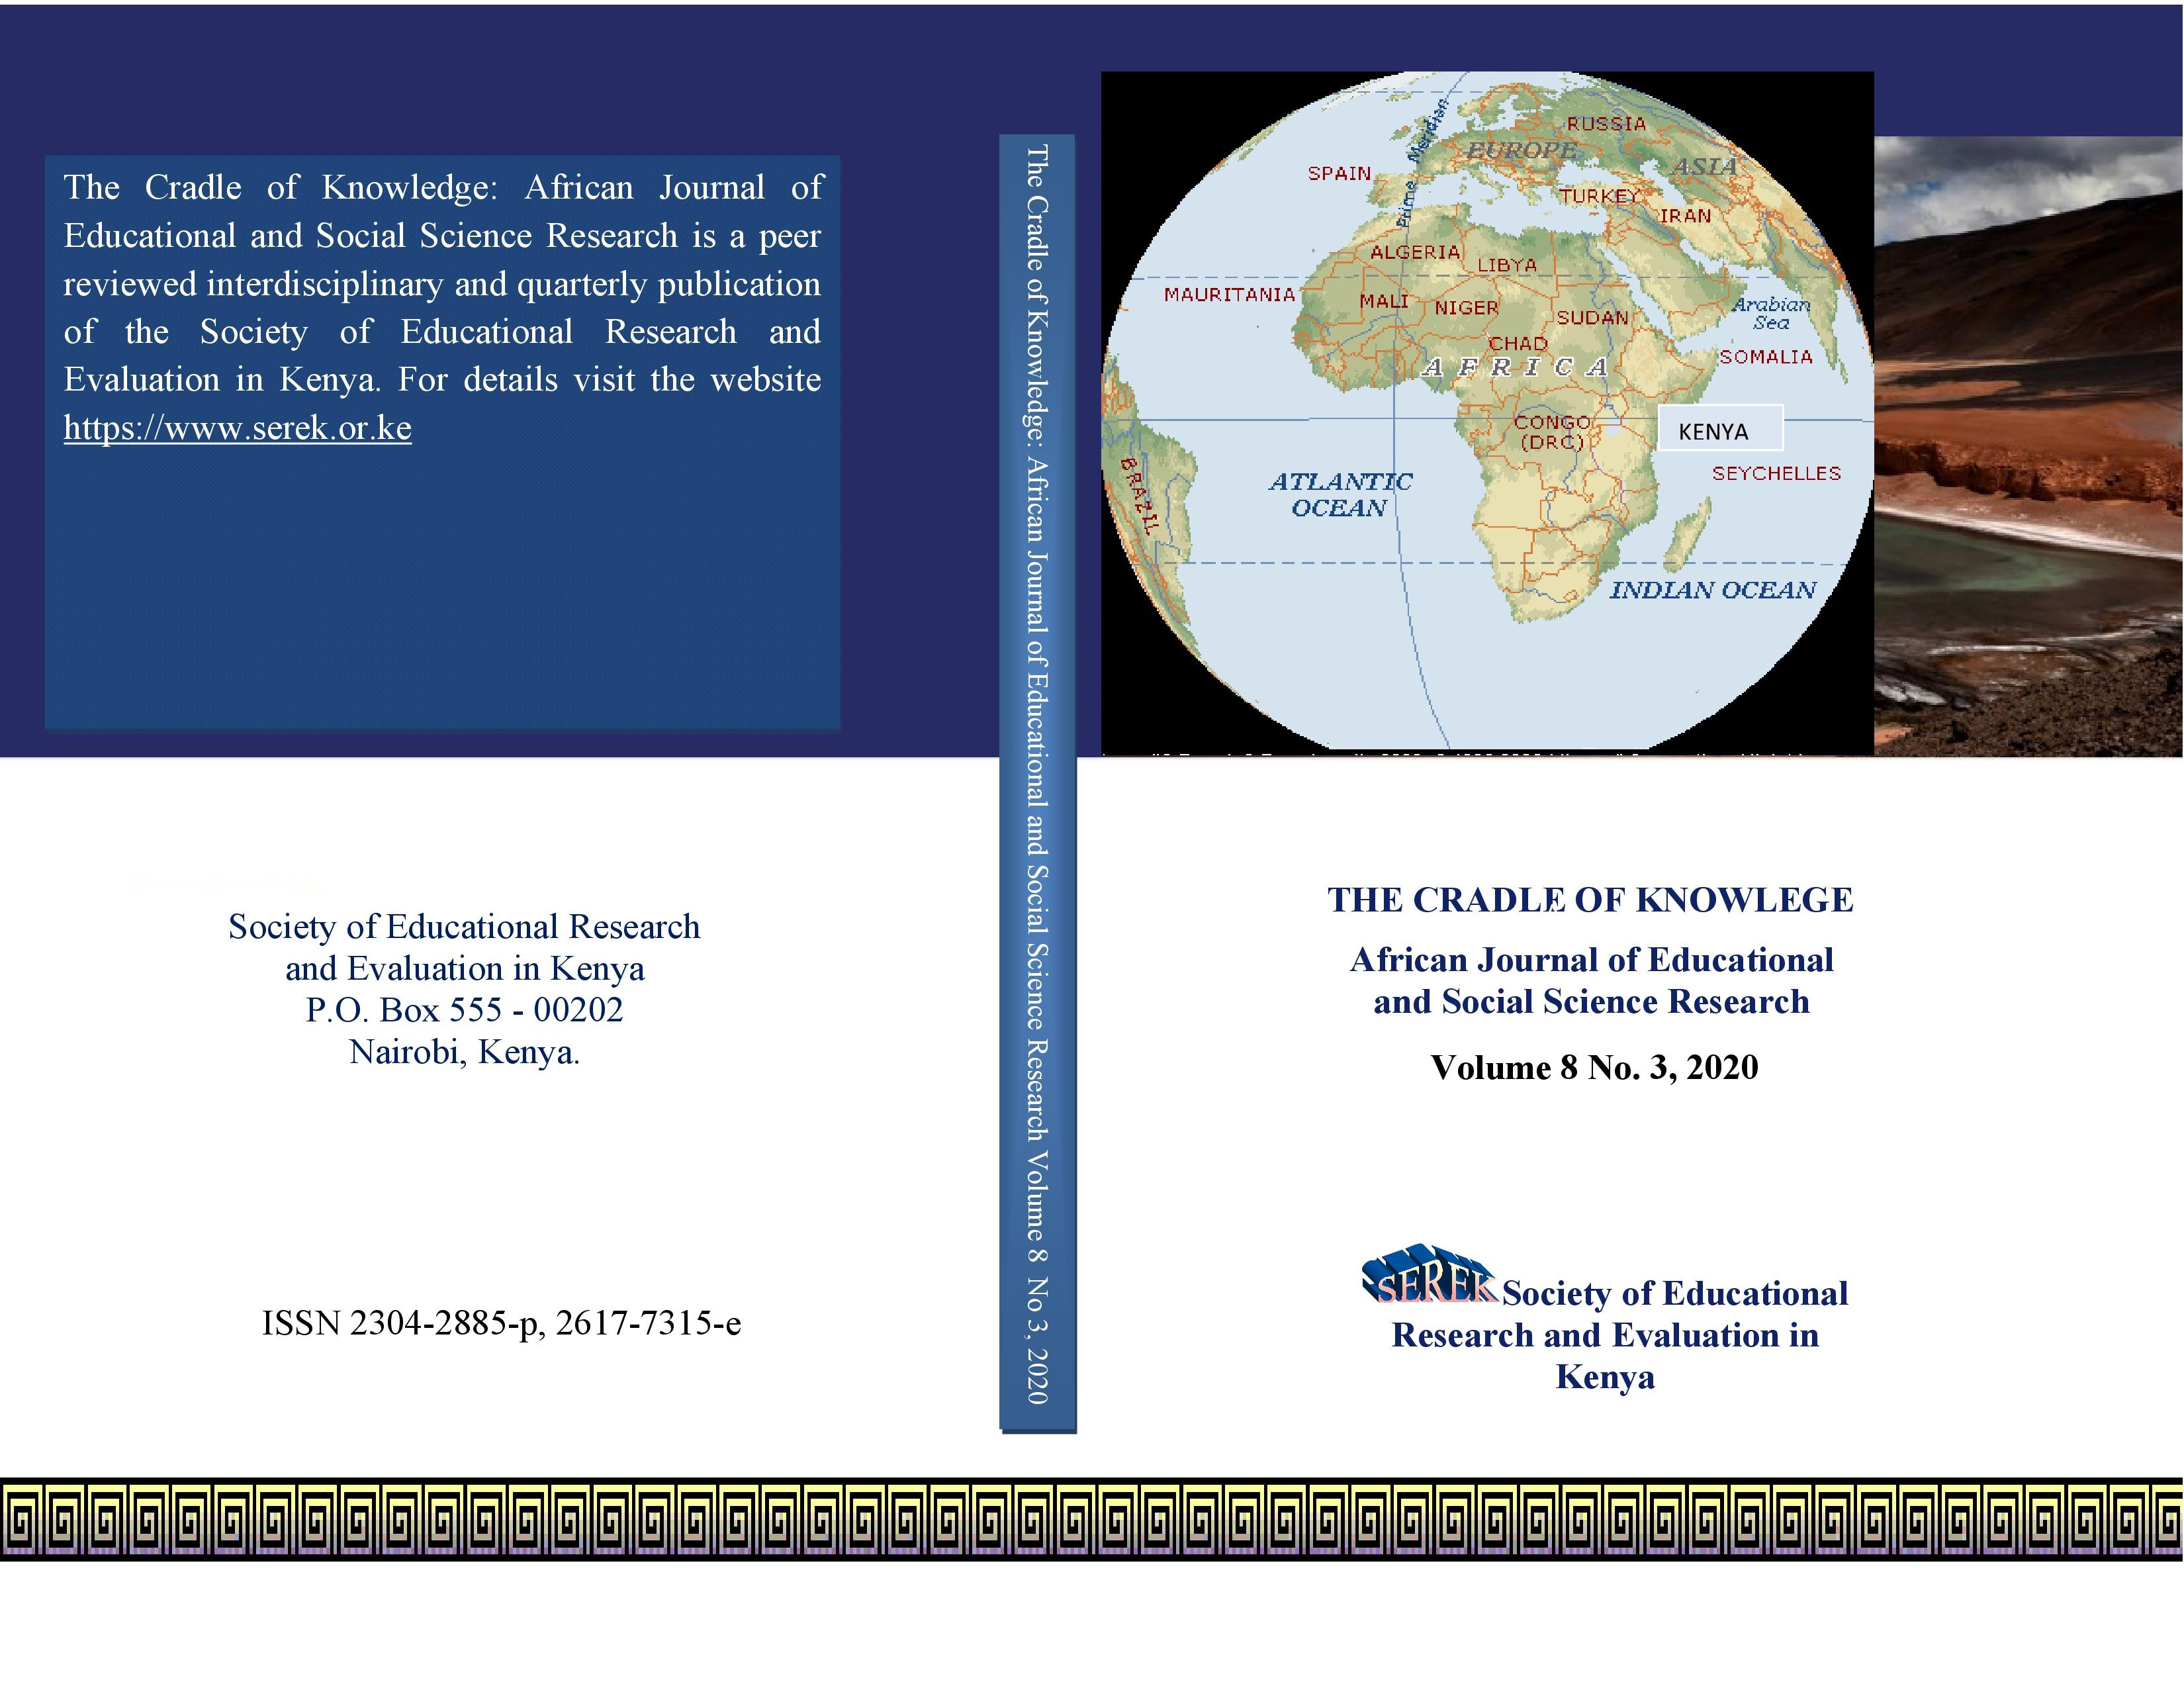 ISSN 2304-2885p, 2617-7315e Vol. 8 No. 3, 2020